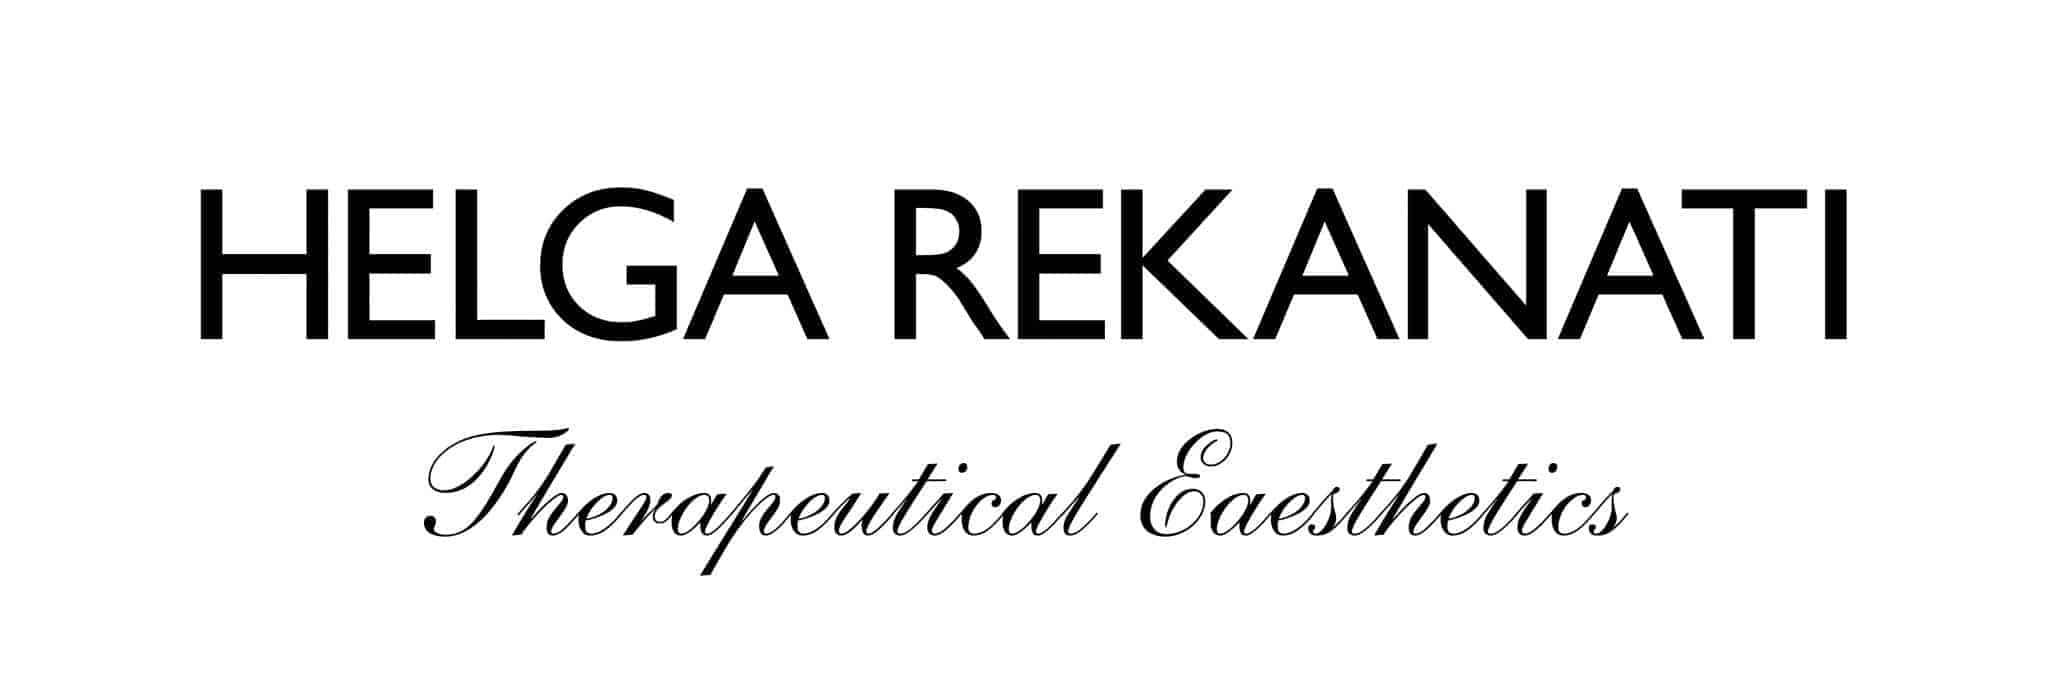 הלגה רקנטי טיפולים קוסמטיים ויופי – HELGA REKANATI